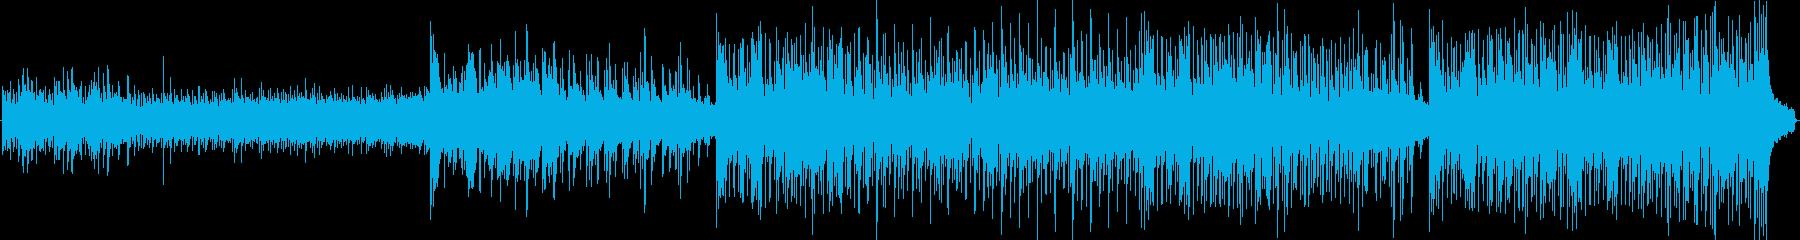 美しい弦、ピアノ、アコースティック...の再生済みの波形